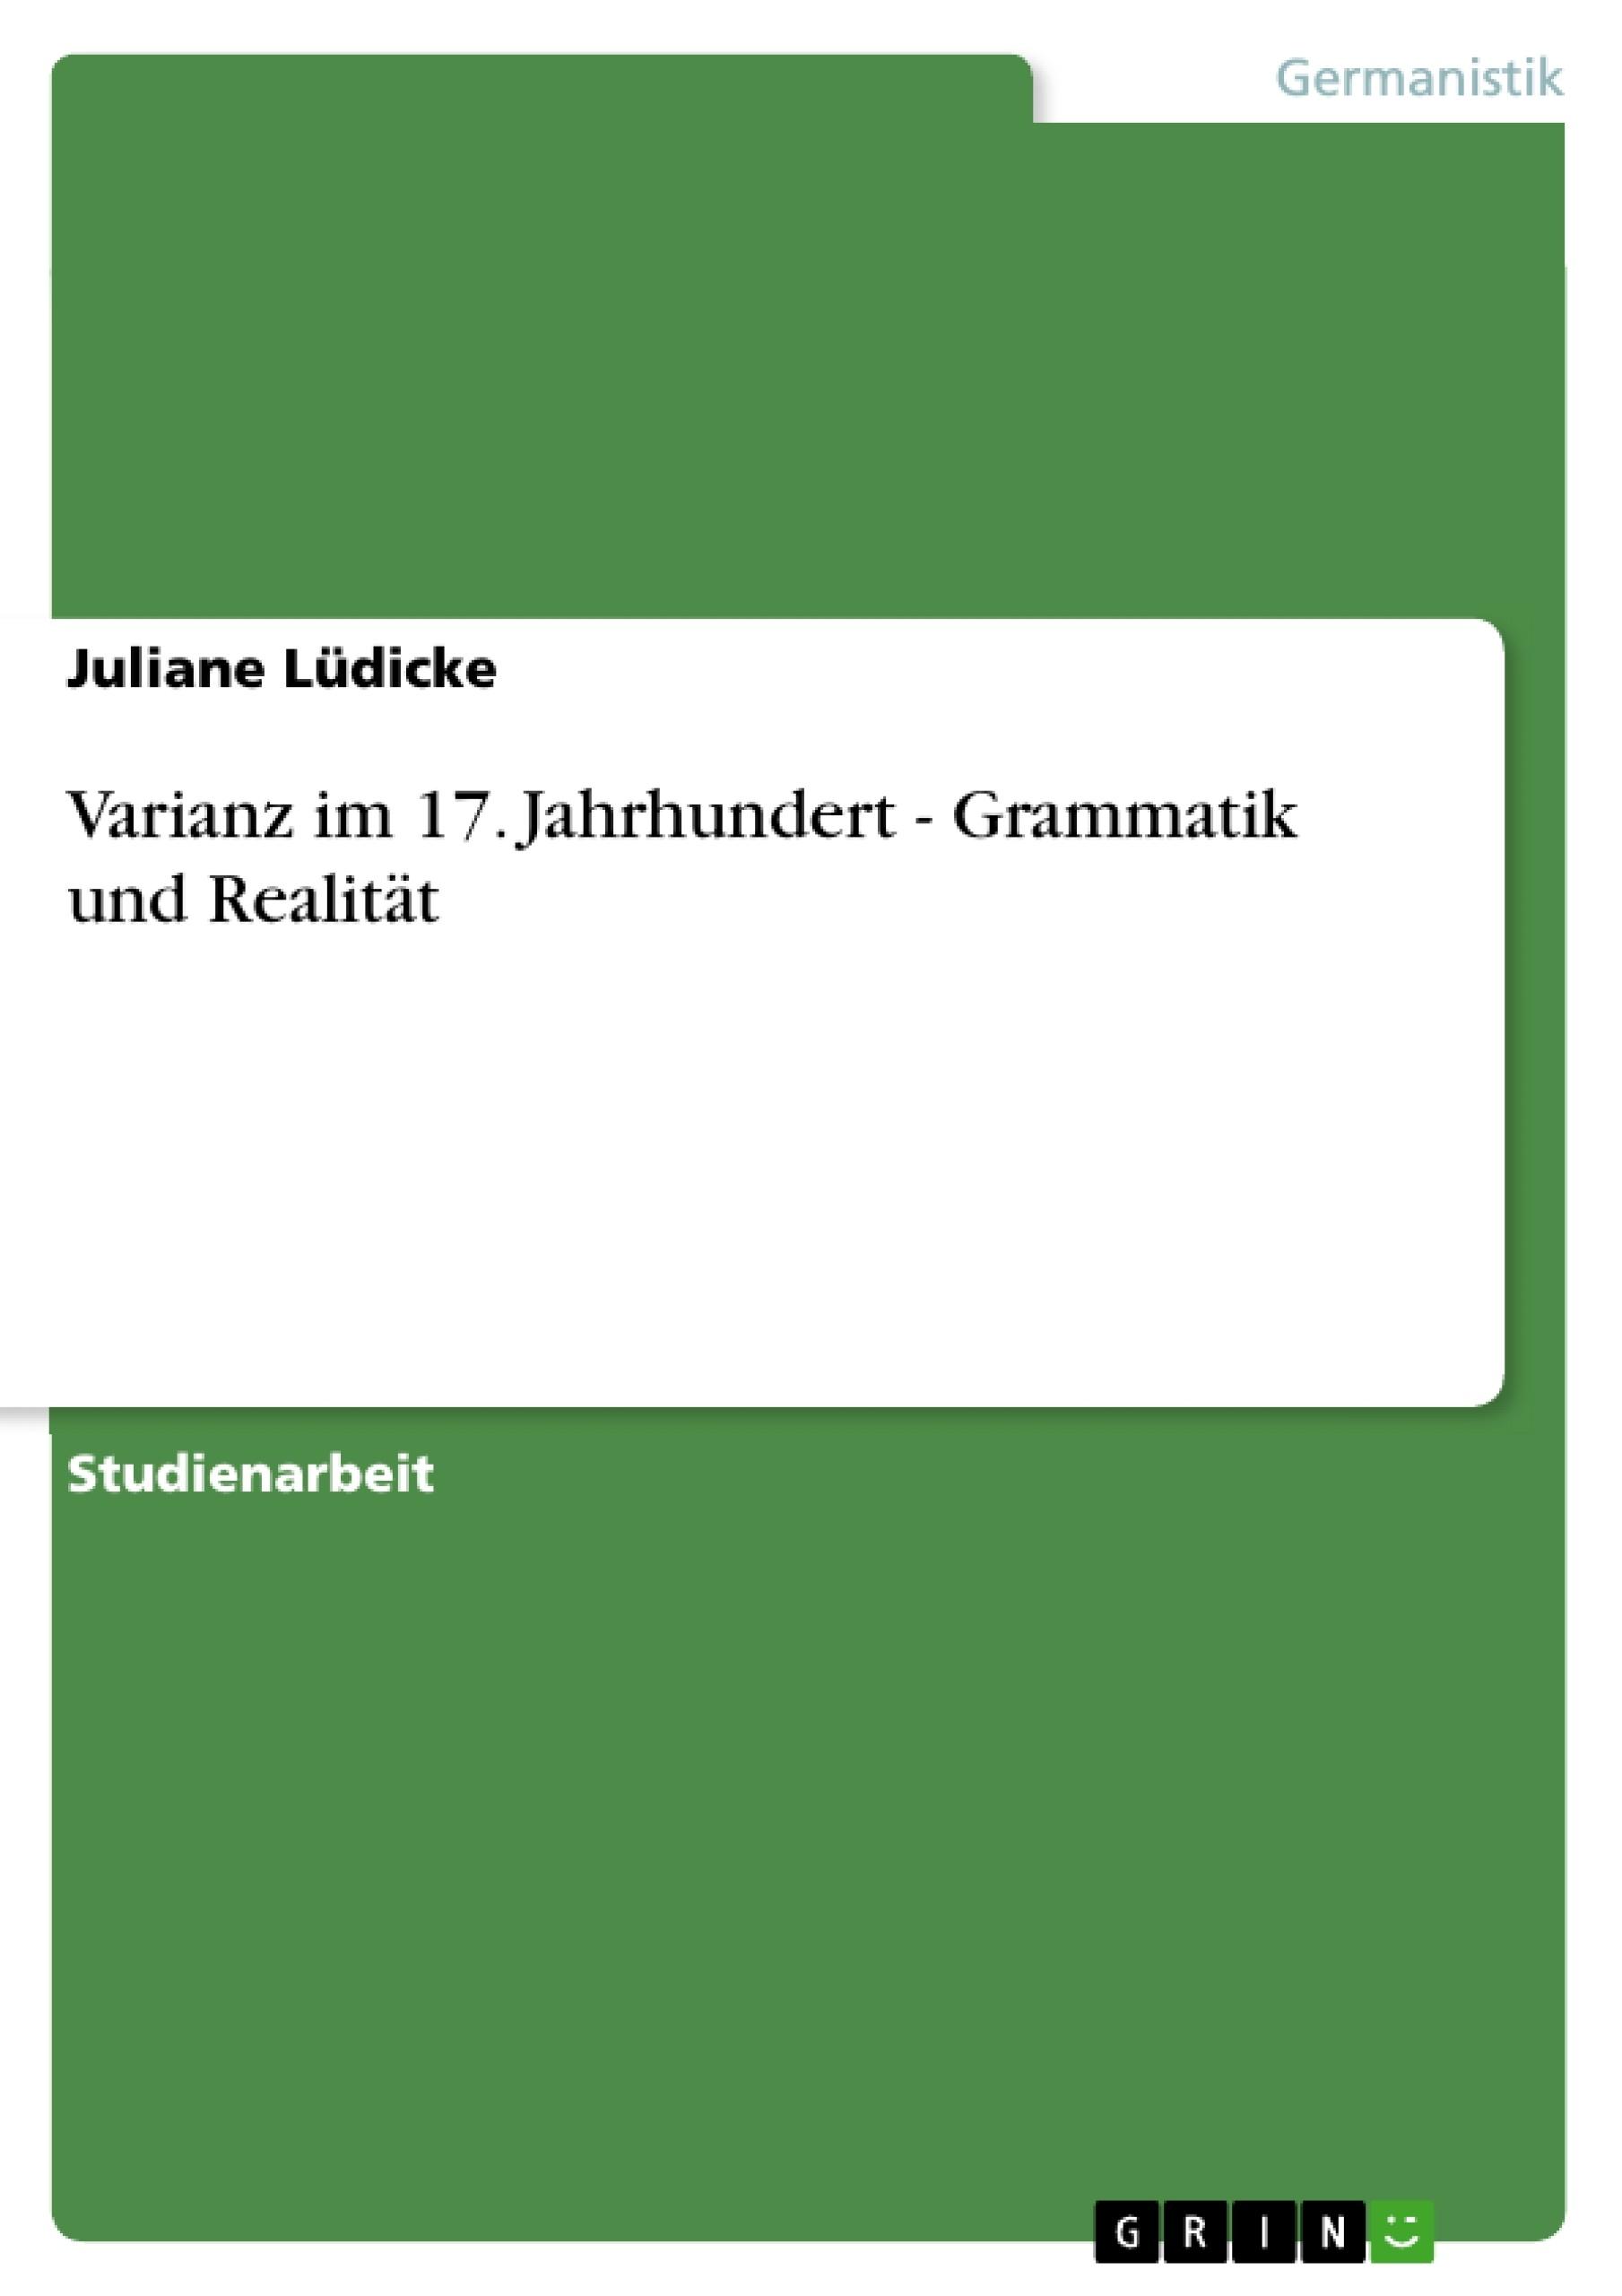 Titel: Varianz im 17. Jahrhundert - Grammatik und Realität